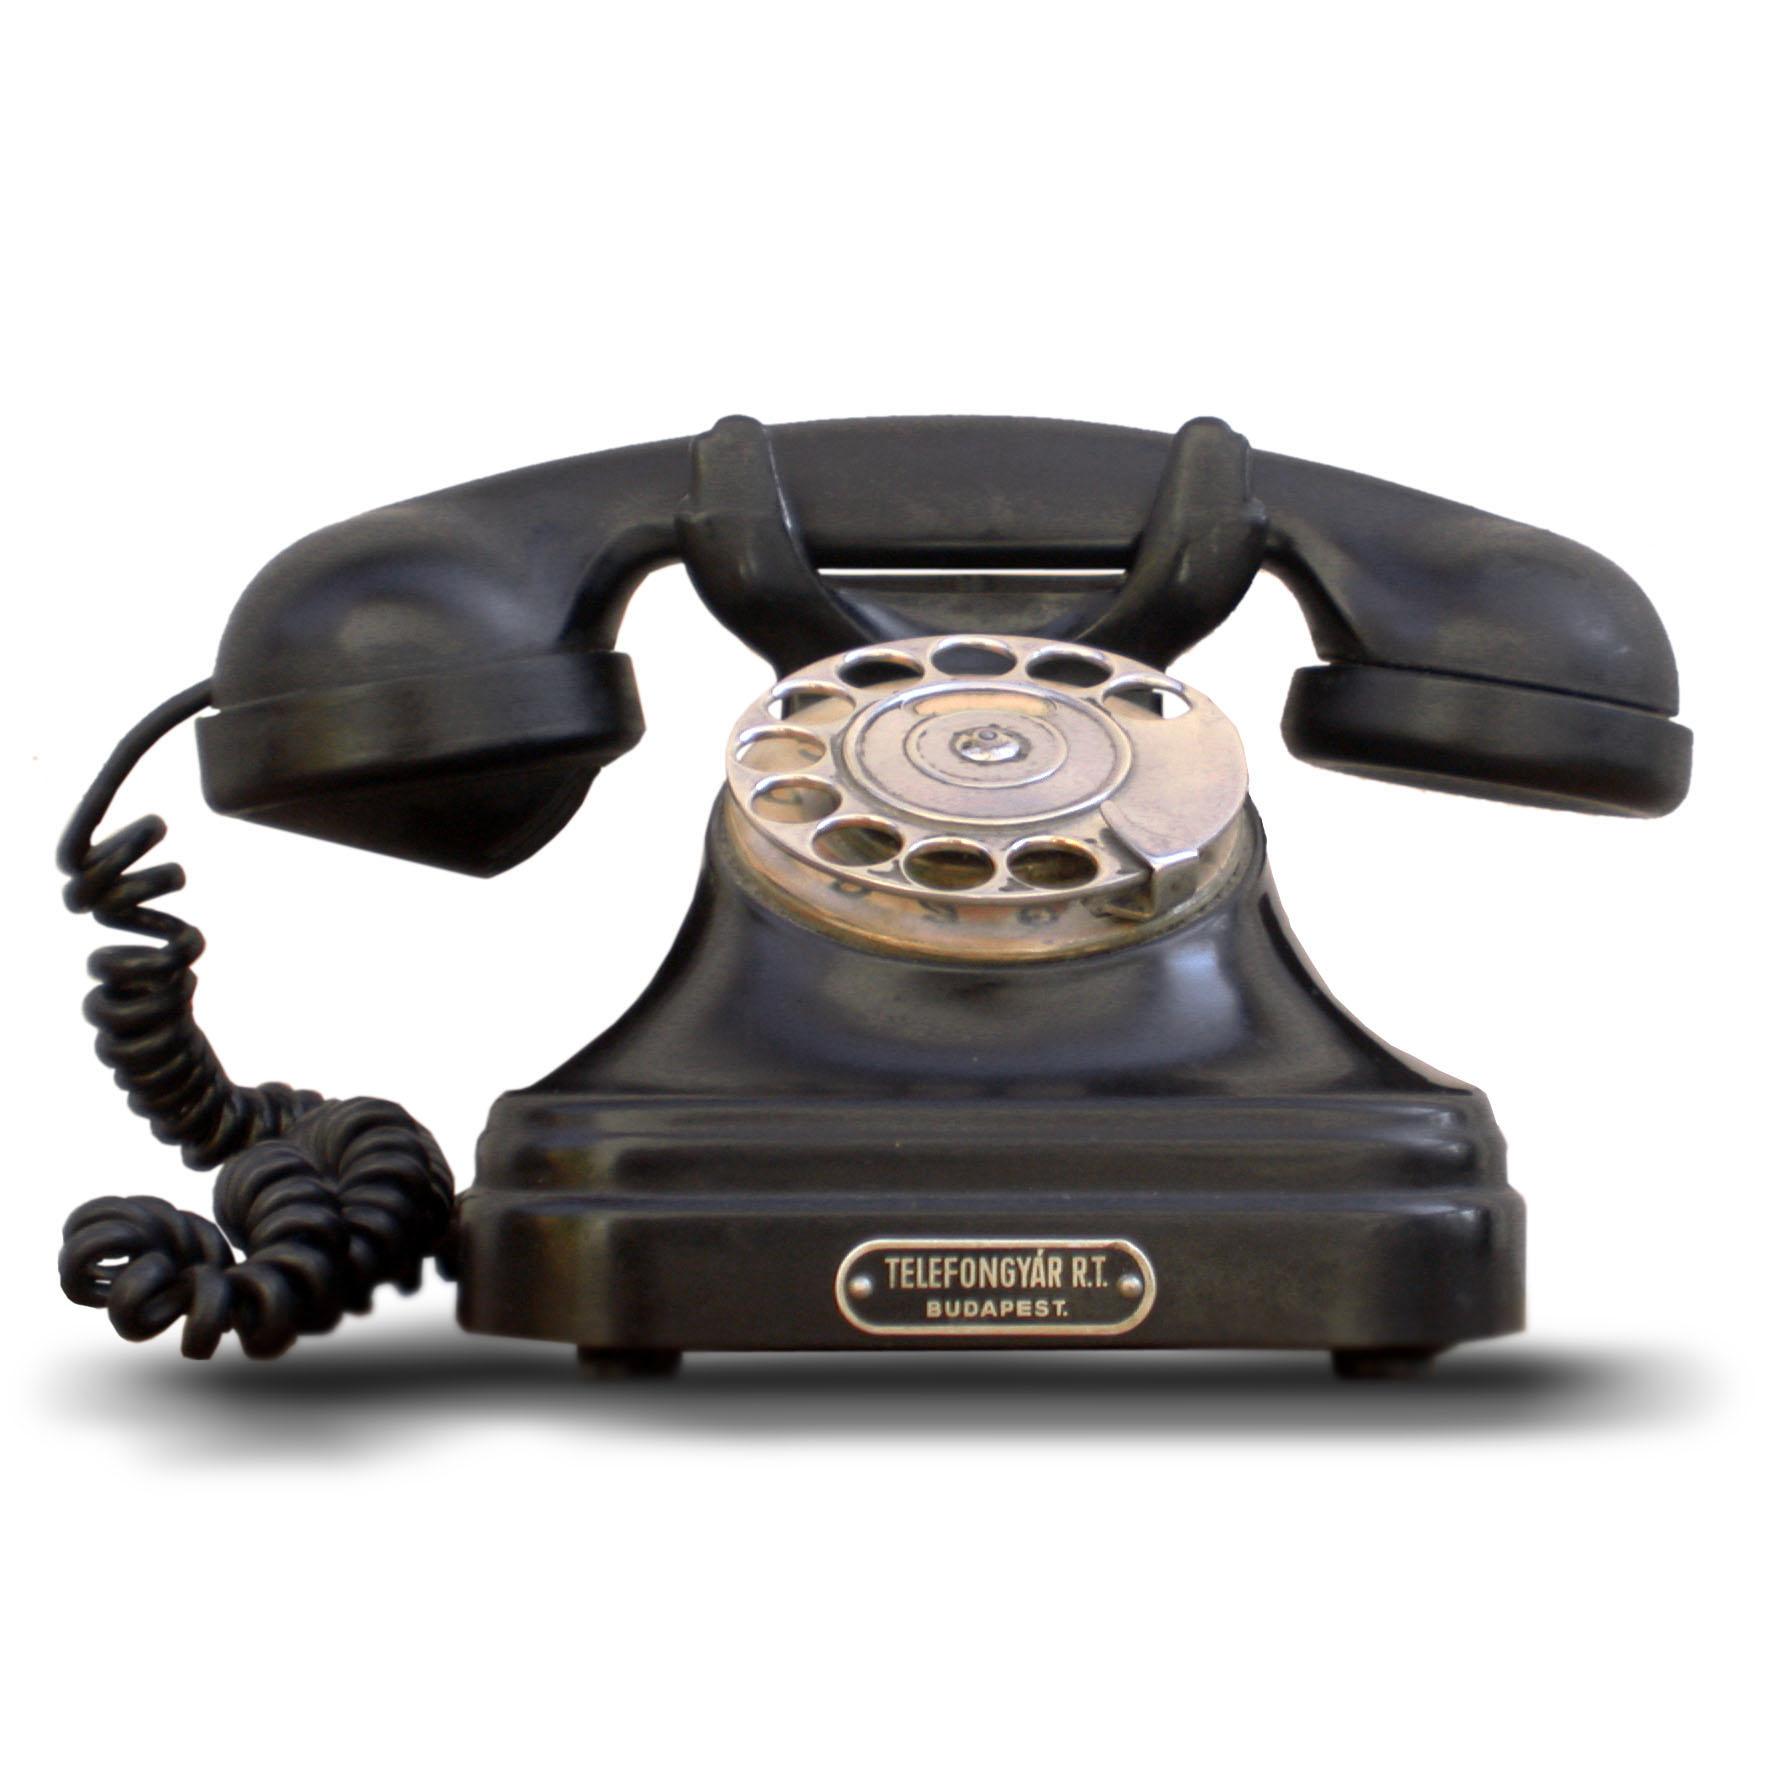 Bakelite phones made for better movie plots (pic Takkk)